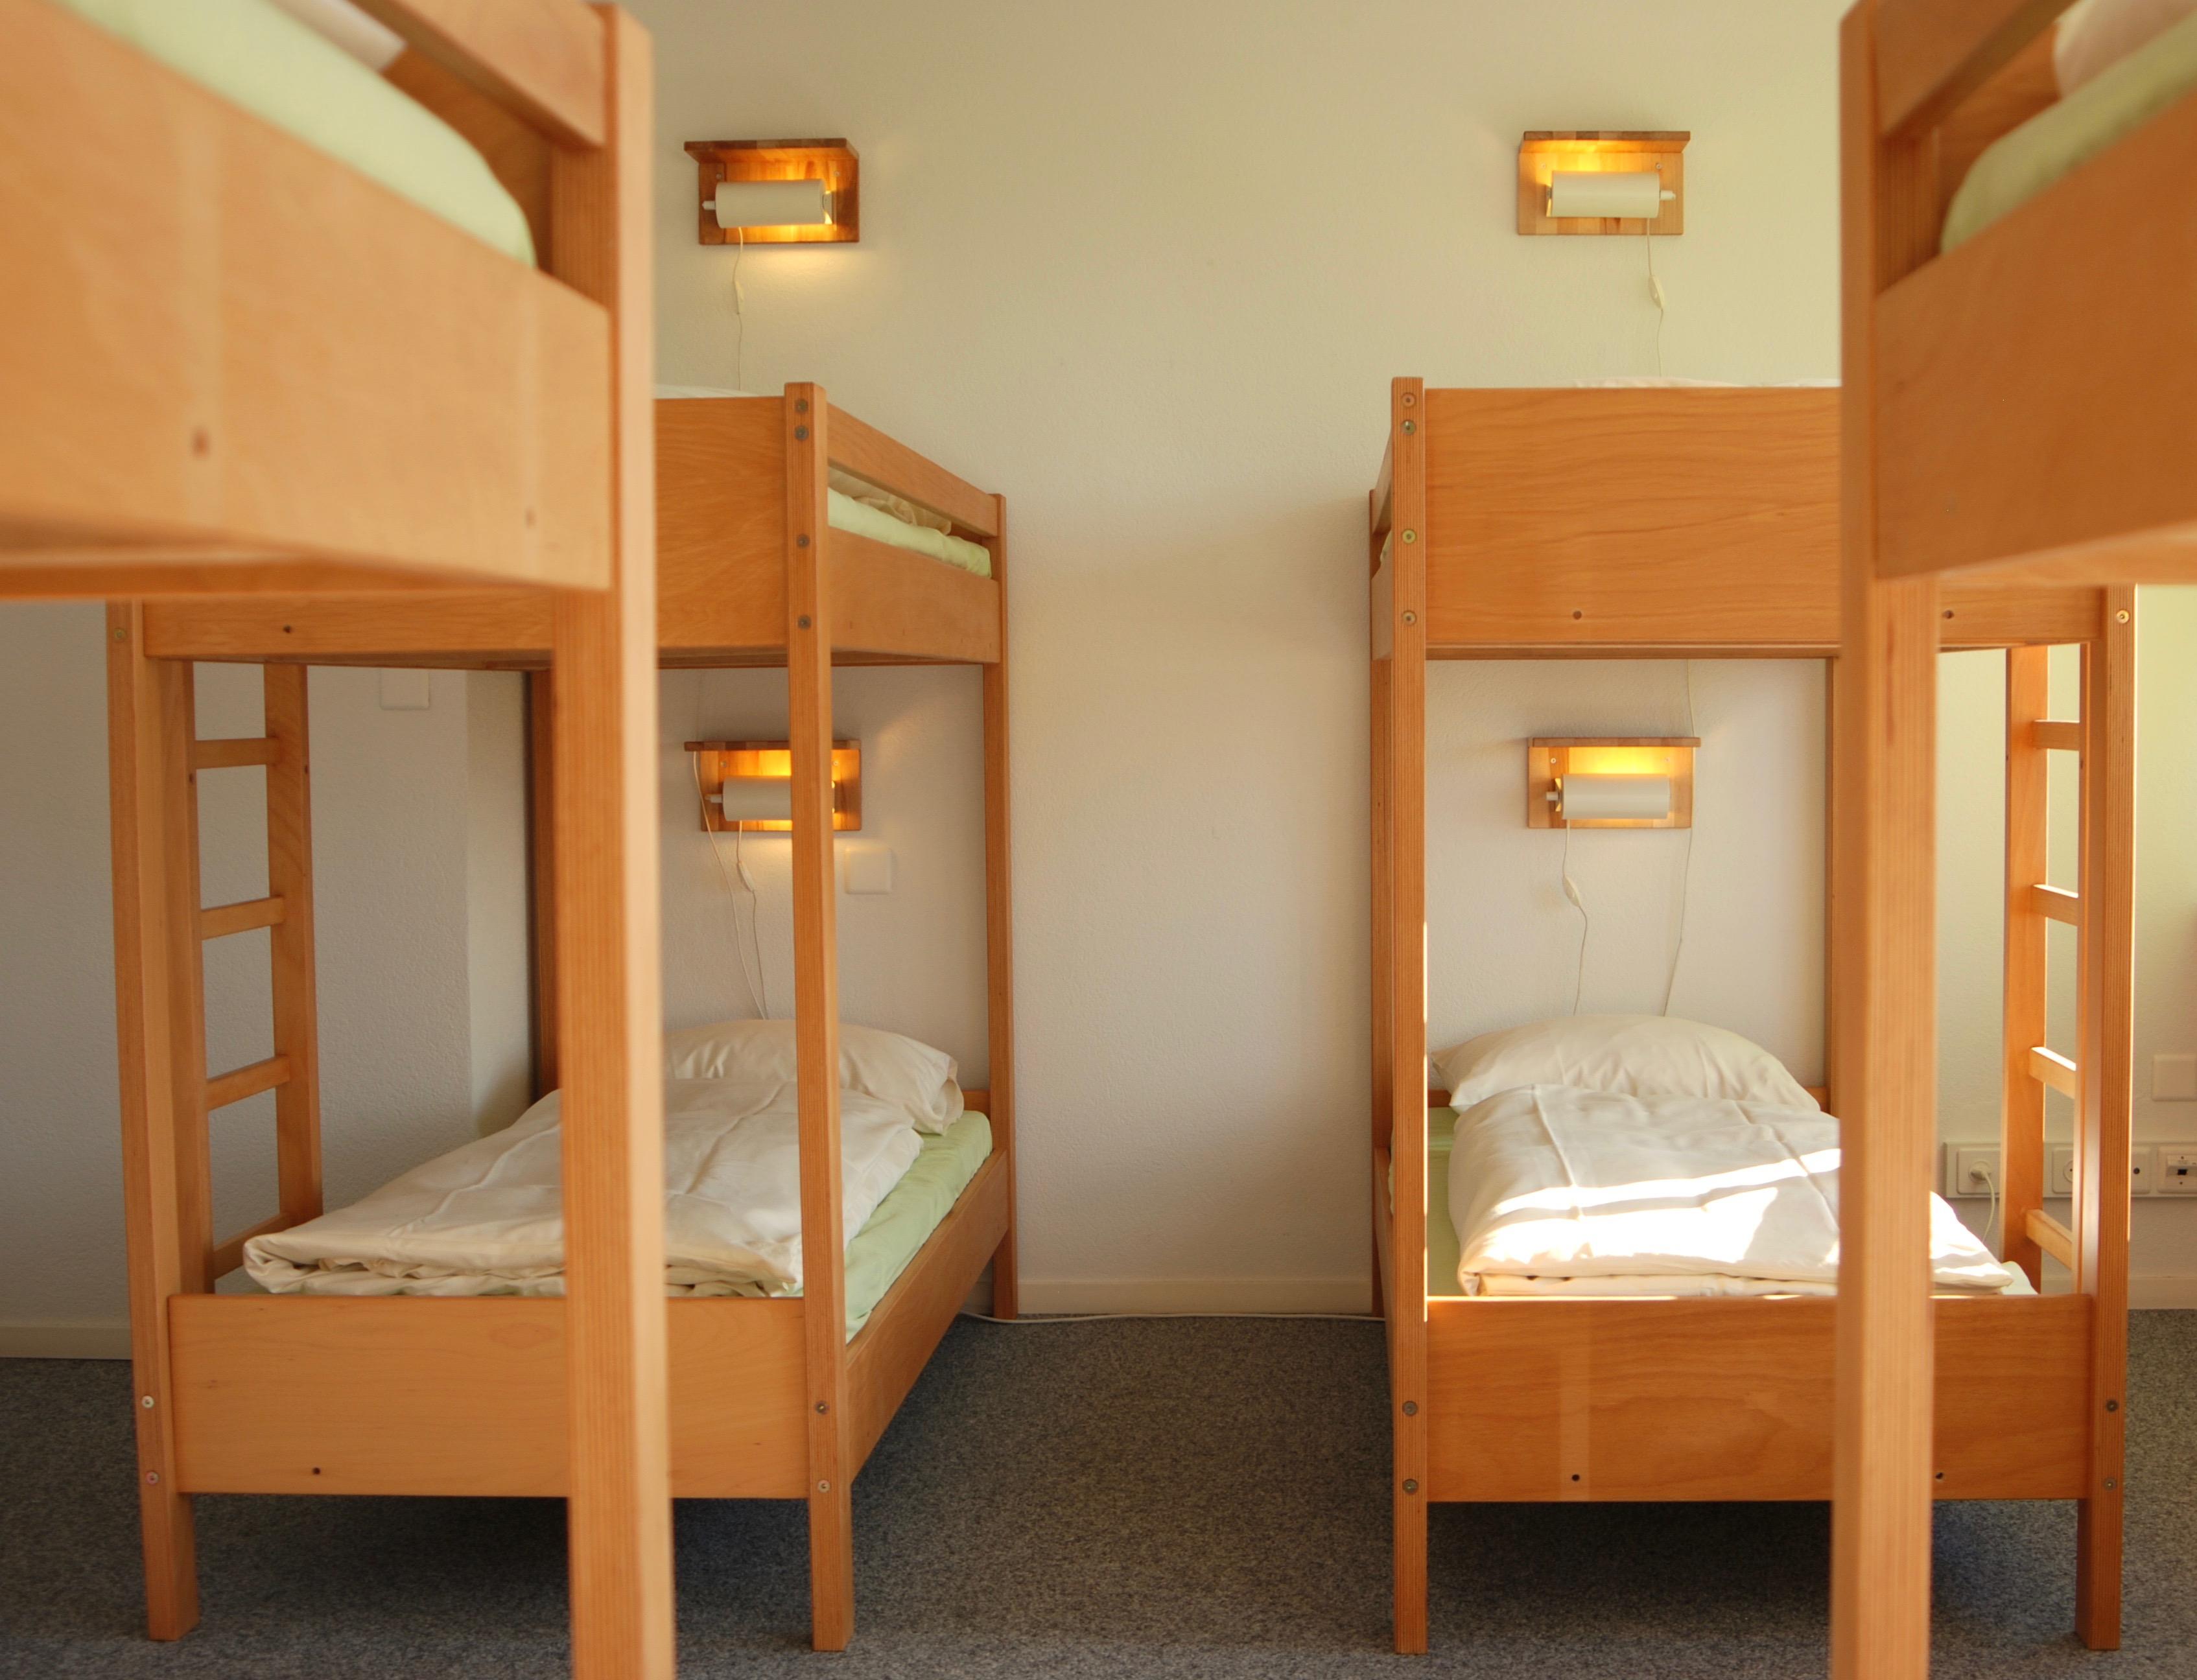 Hostel 77 Bern